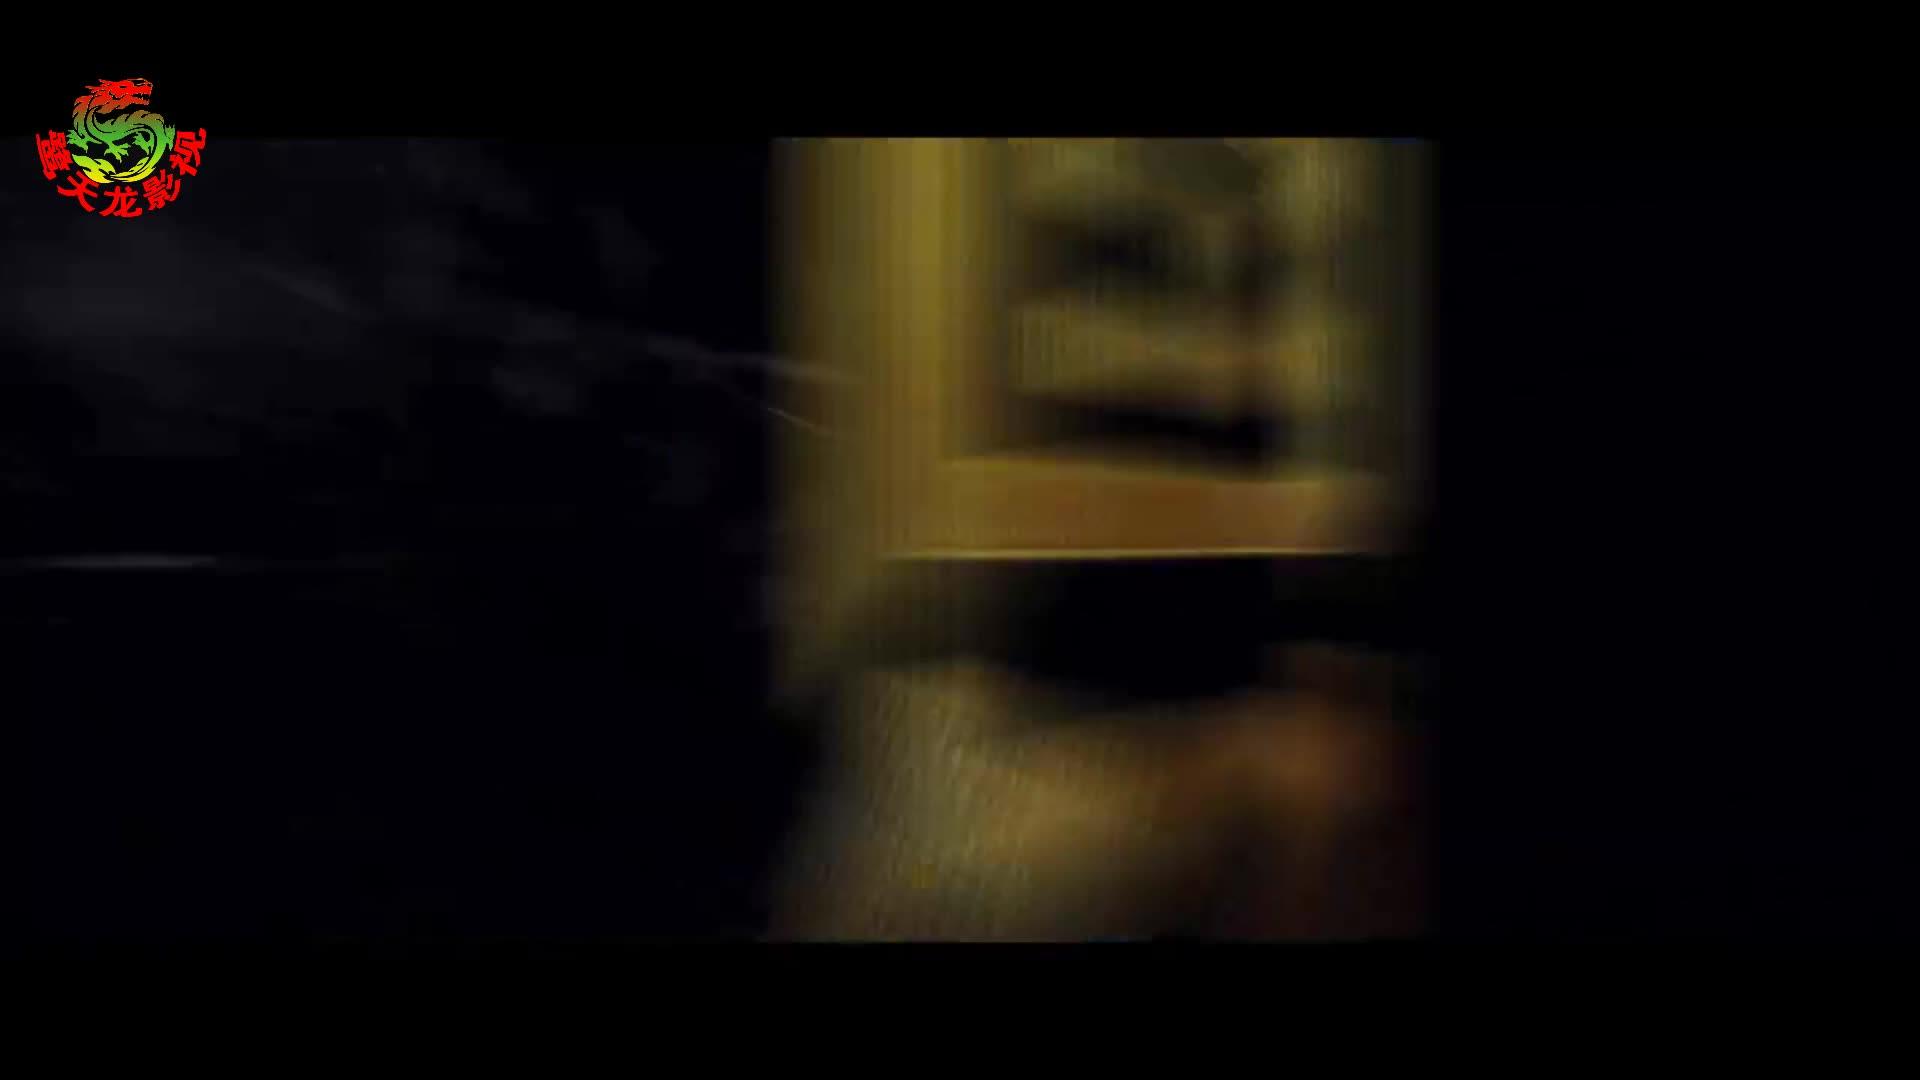 #热映新片#《邪不压正》定档暑期 十五秒预告速度与力量破幕而出